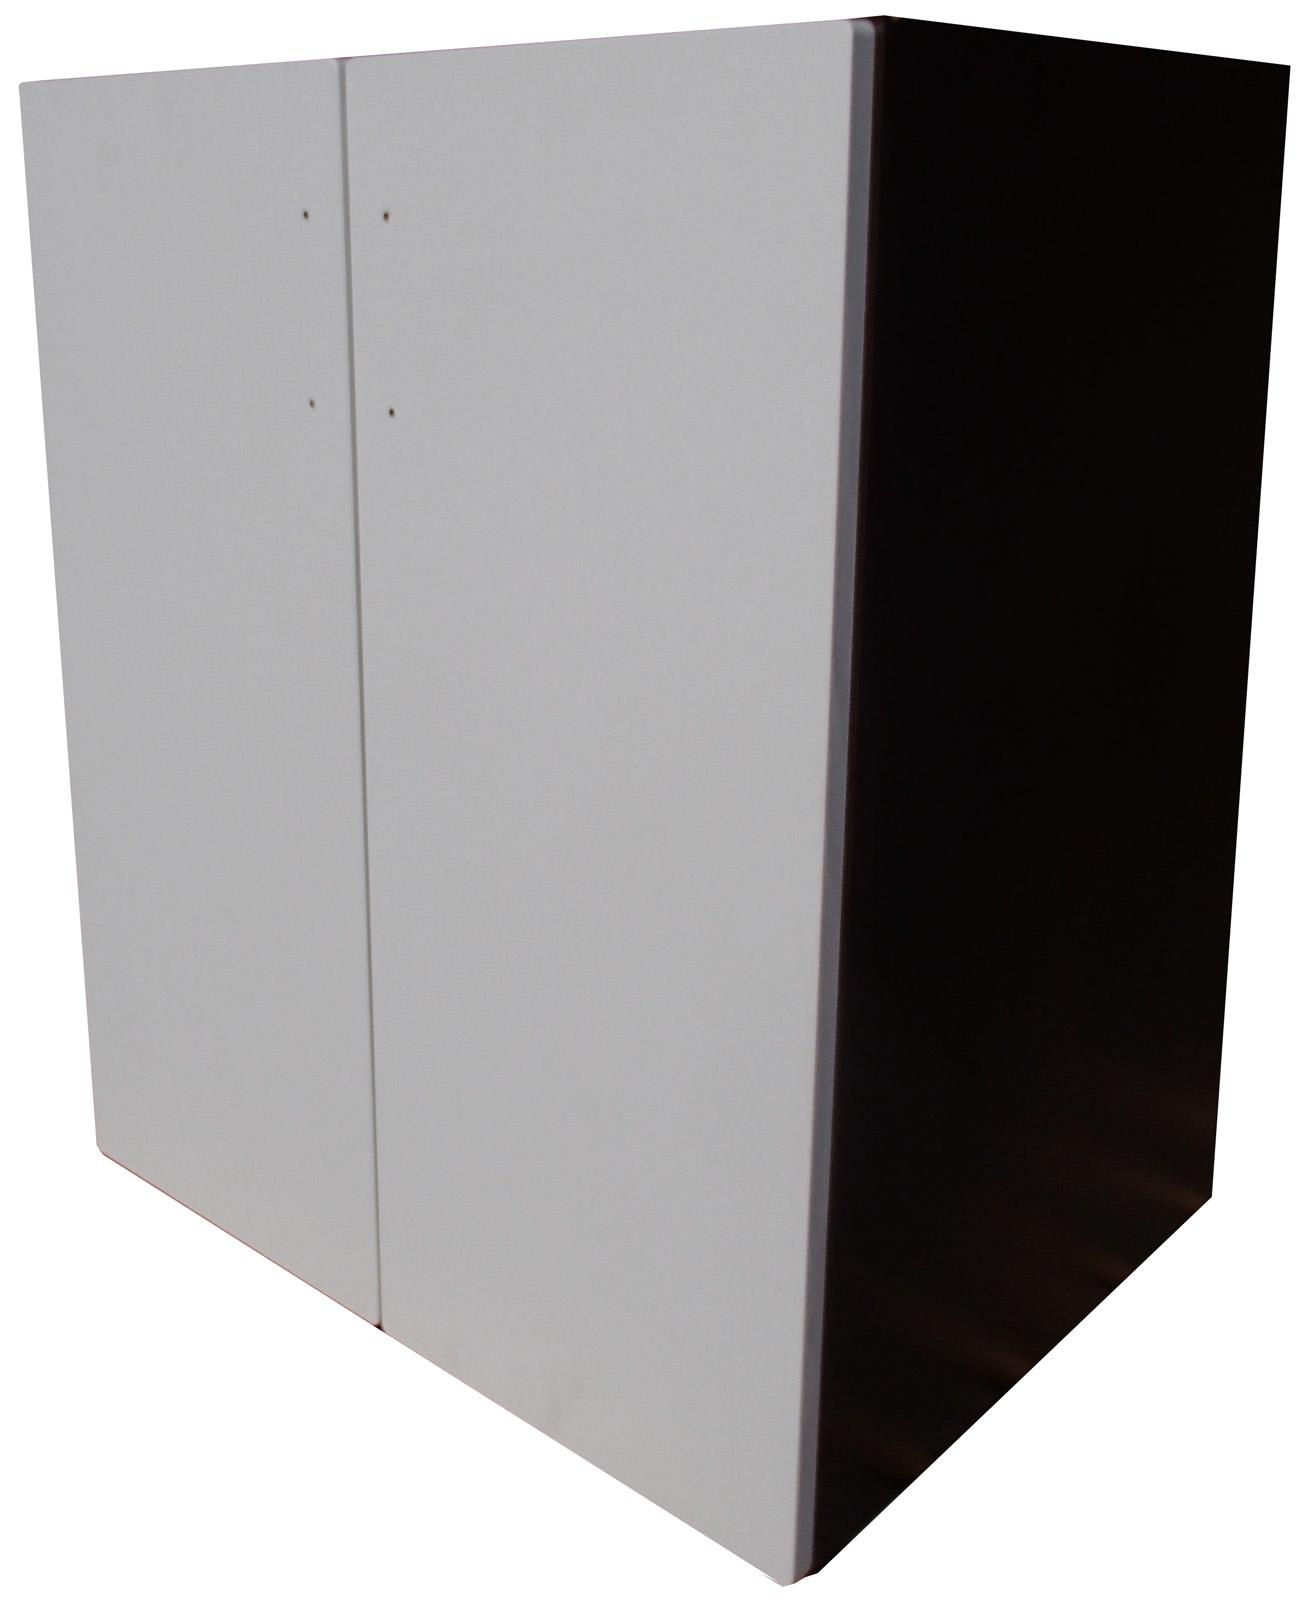 Dolní kuchyňská skříňka 60 - bílá dřevo/ wenge VÝPRODEJ